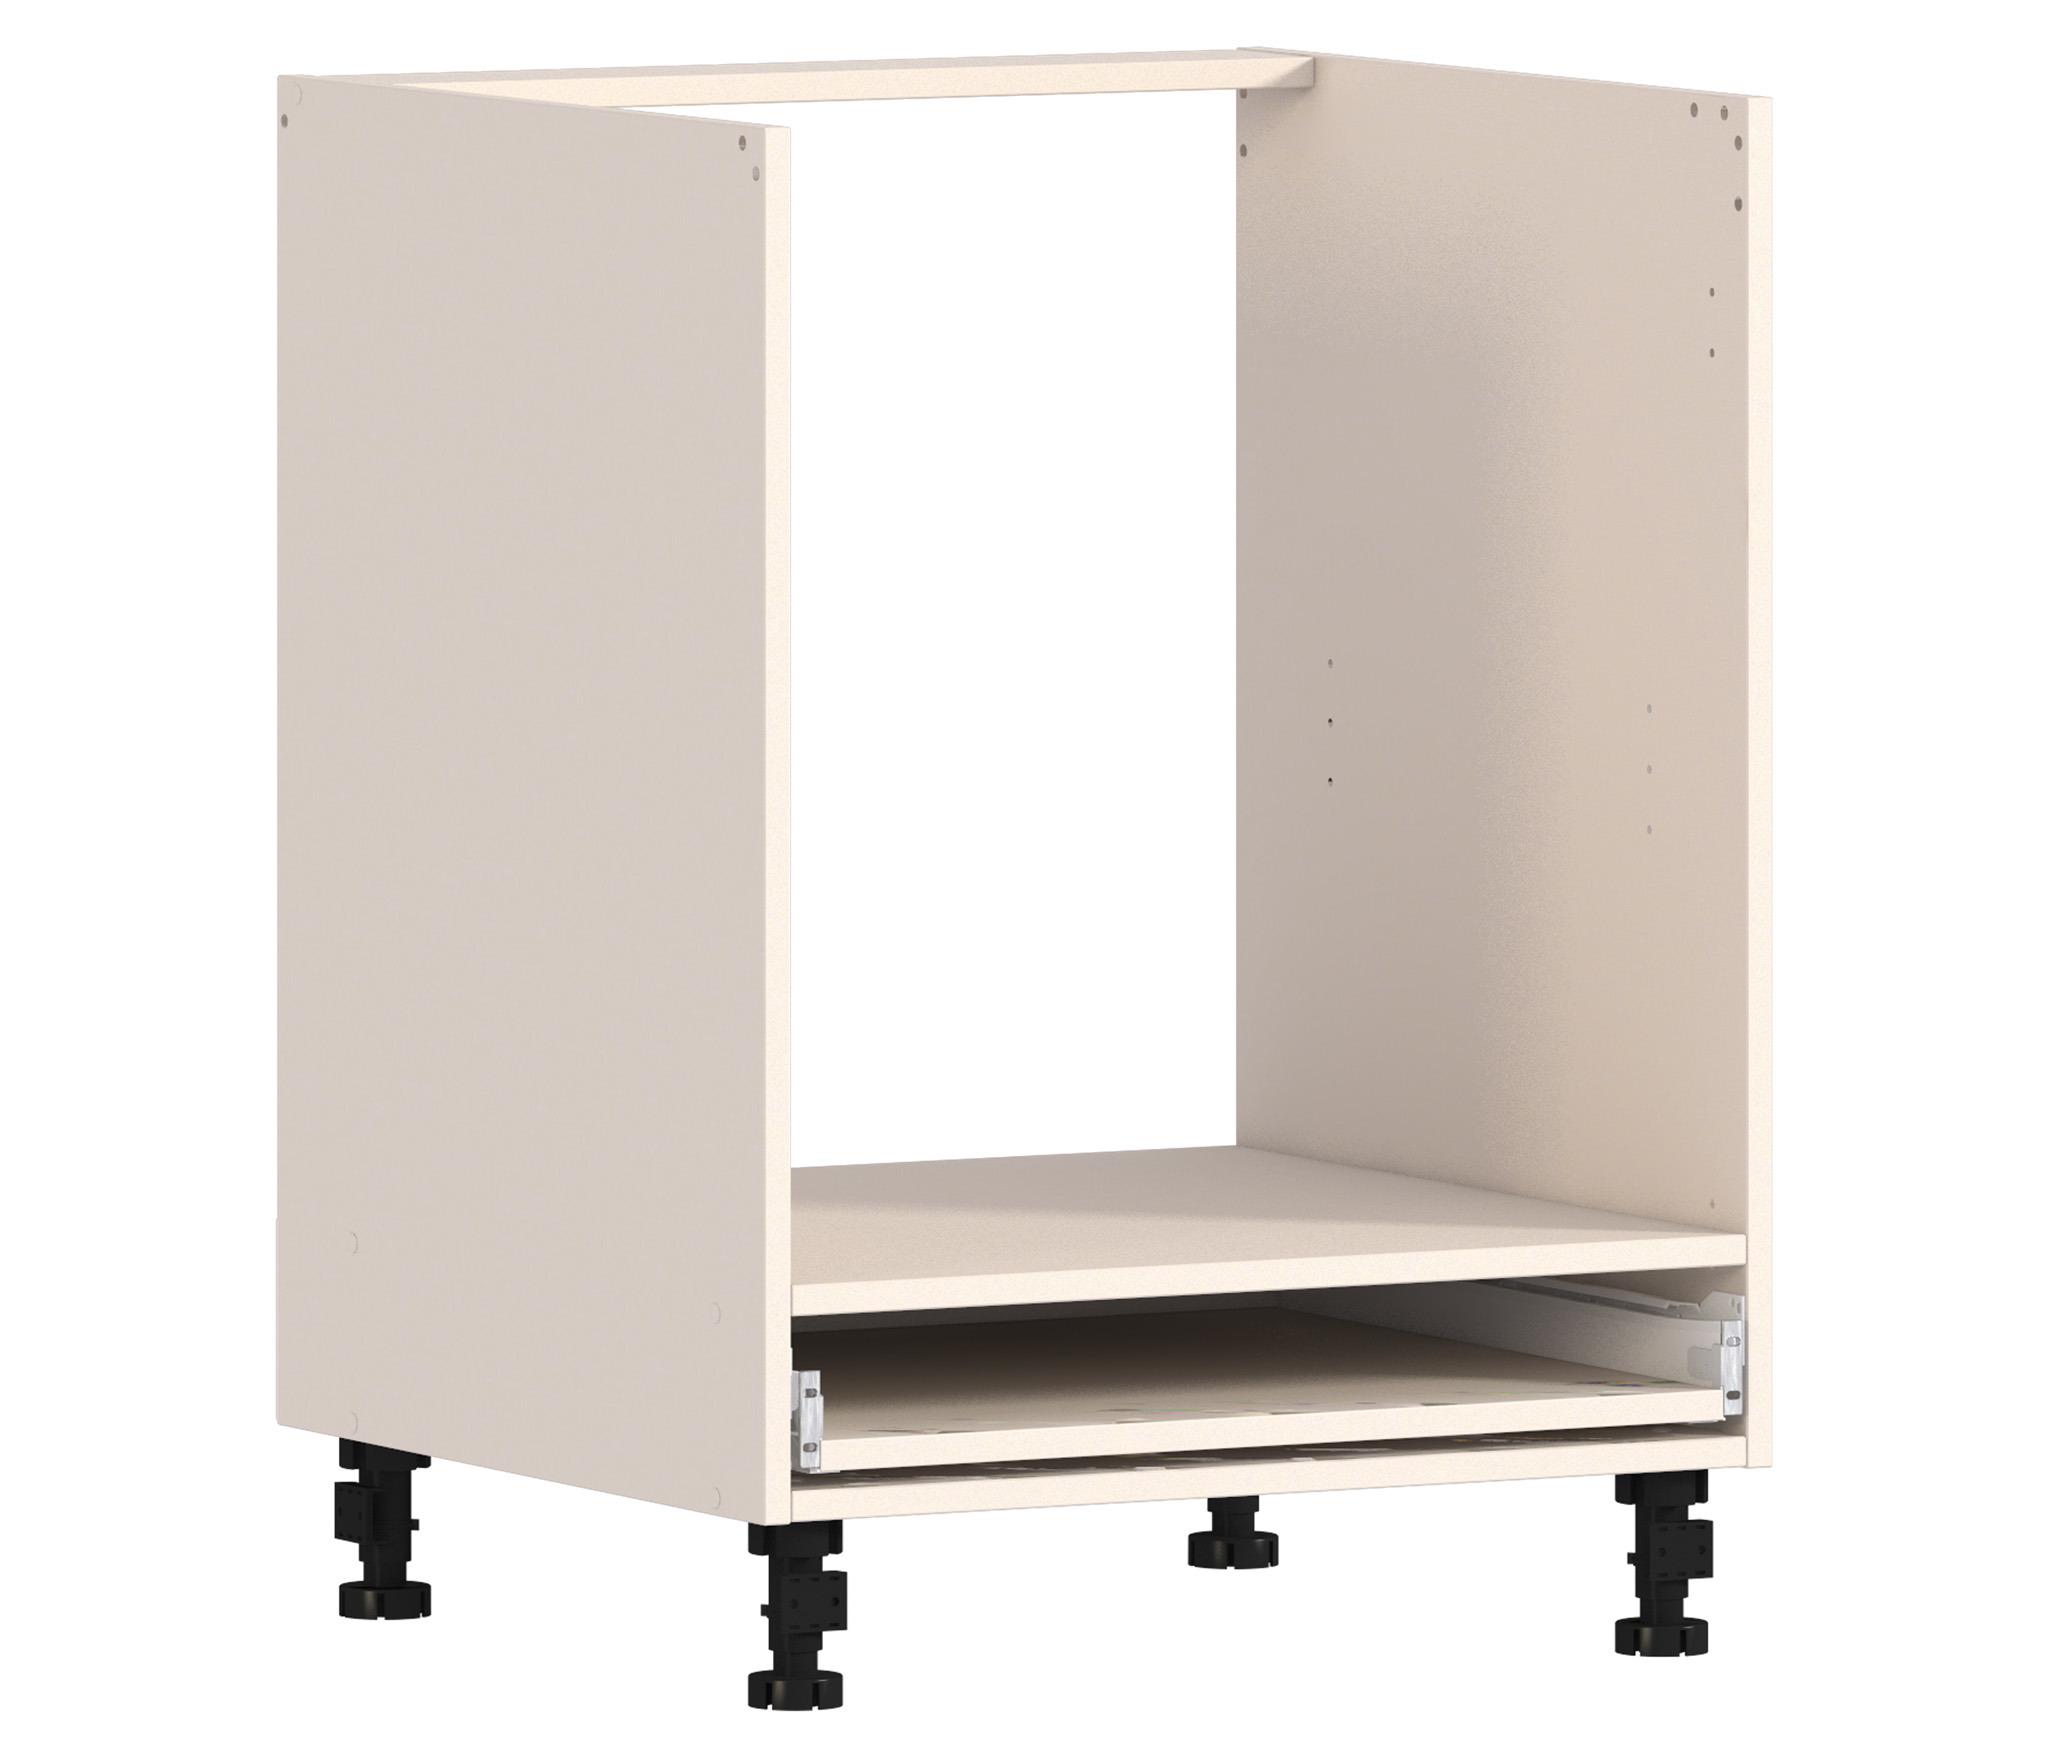 Регина РСД-1-60 Шкаф-Стол под встраиваемую техникуМебель для кухни<br>Корпус шкафа для встраиваемой техники.&#13;Дополнительно рекомендуем приобрести столешницу.<br><br>Длина мм: 600<br>Высота мм: 820<br>Глубина мм: 563